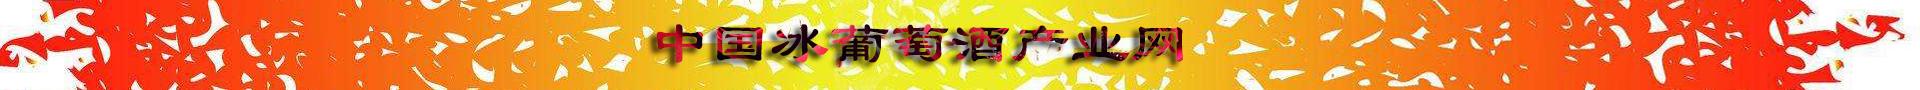 中国冰葡萄酒产业网